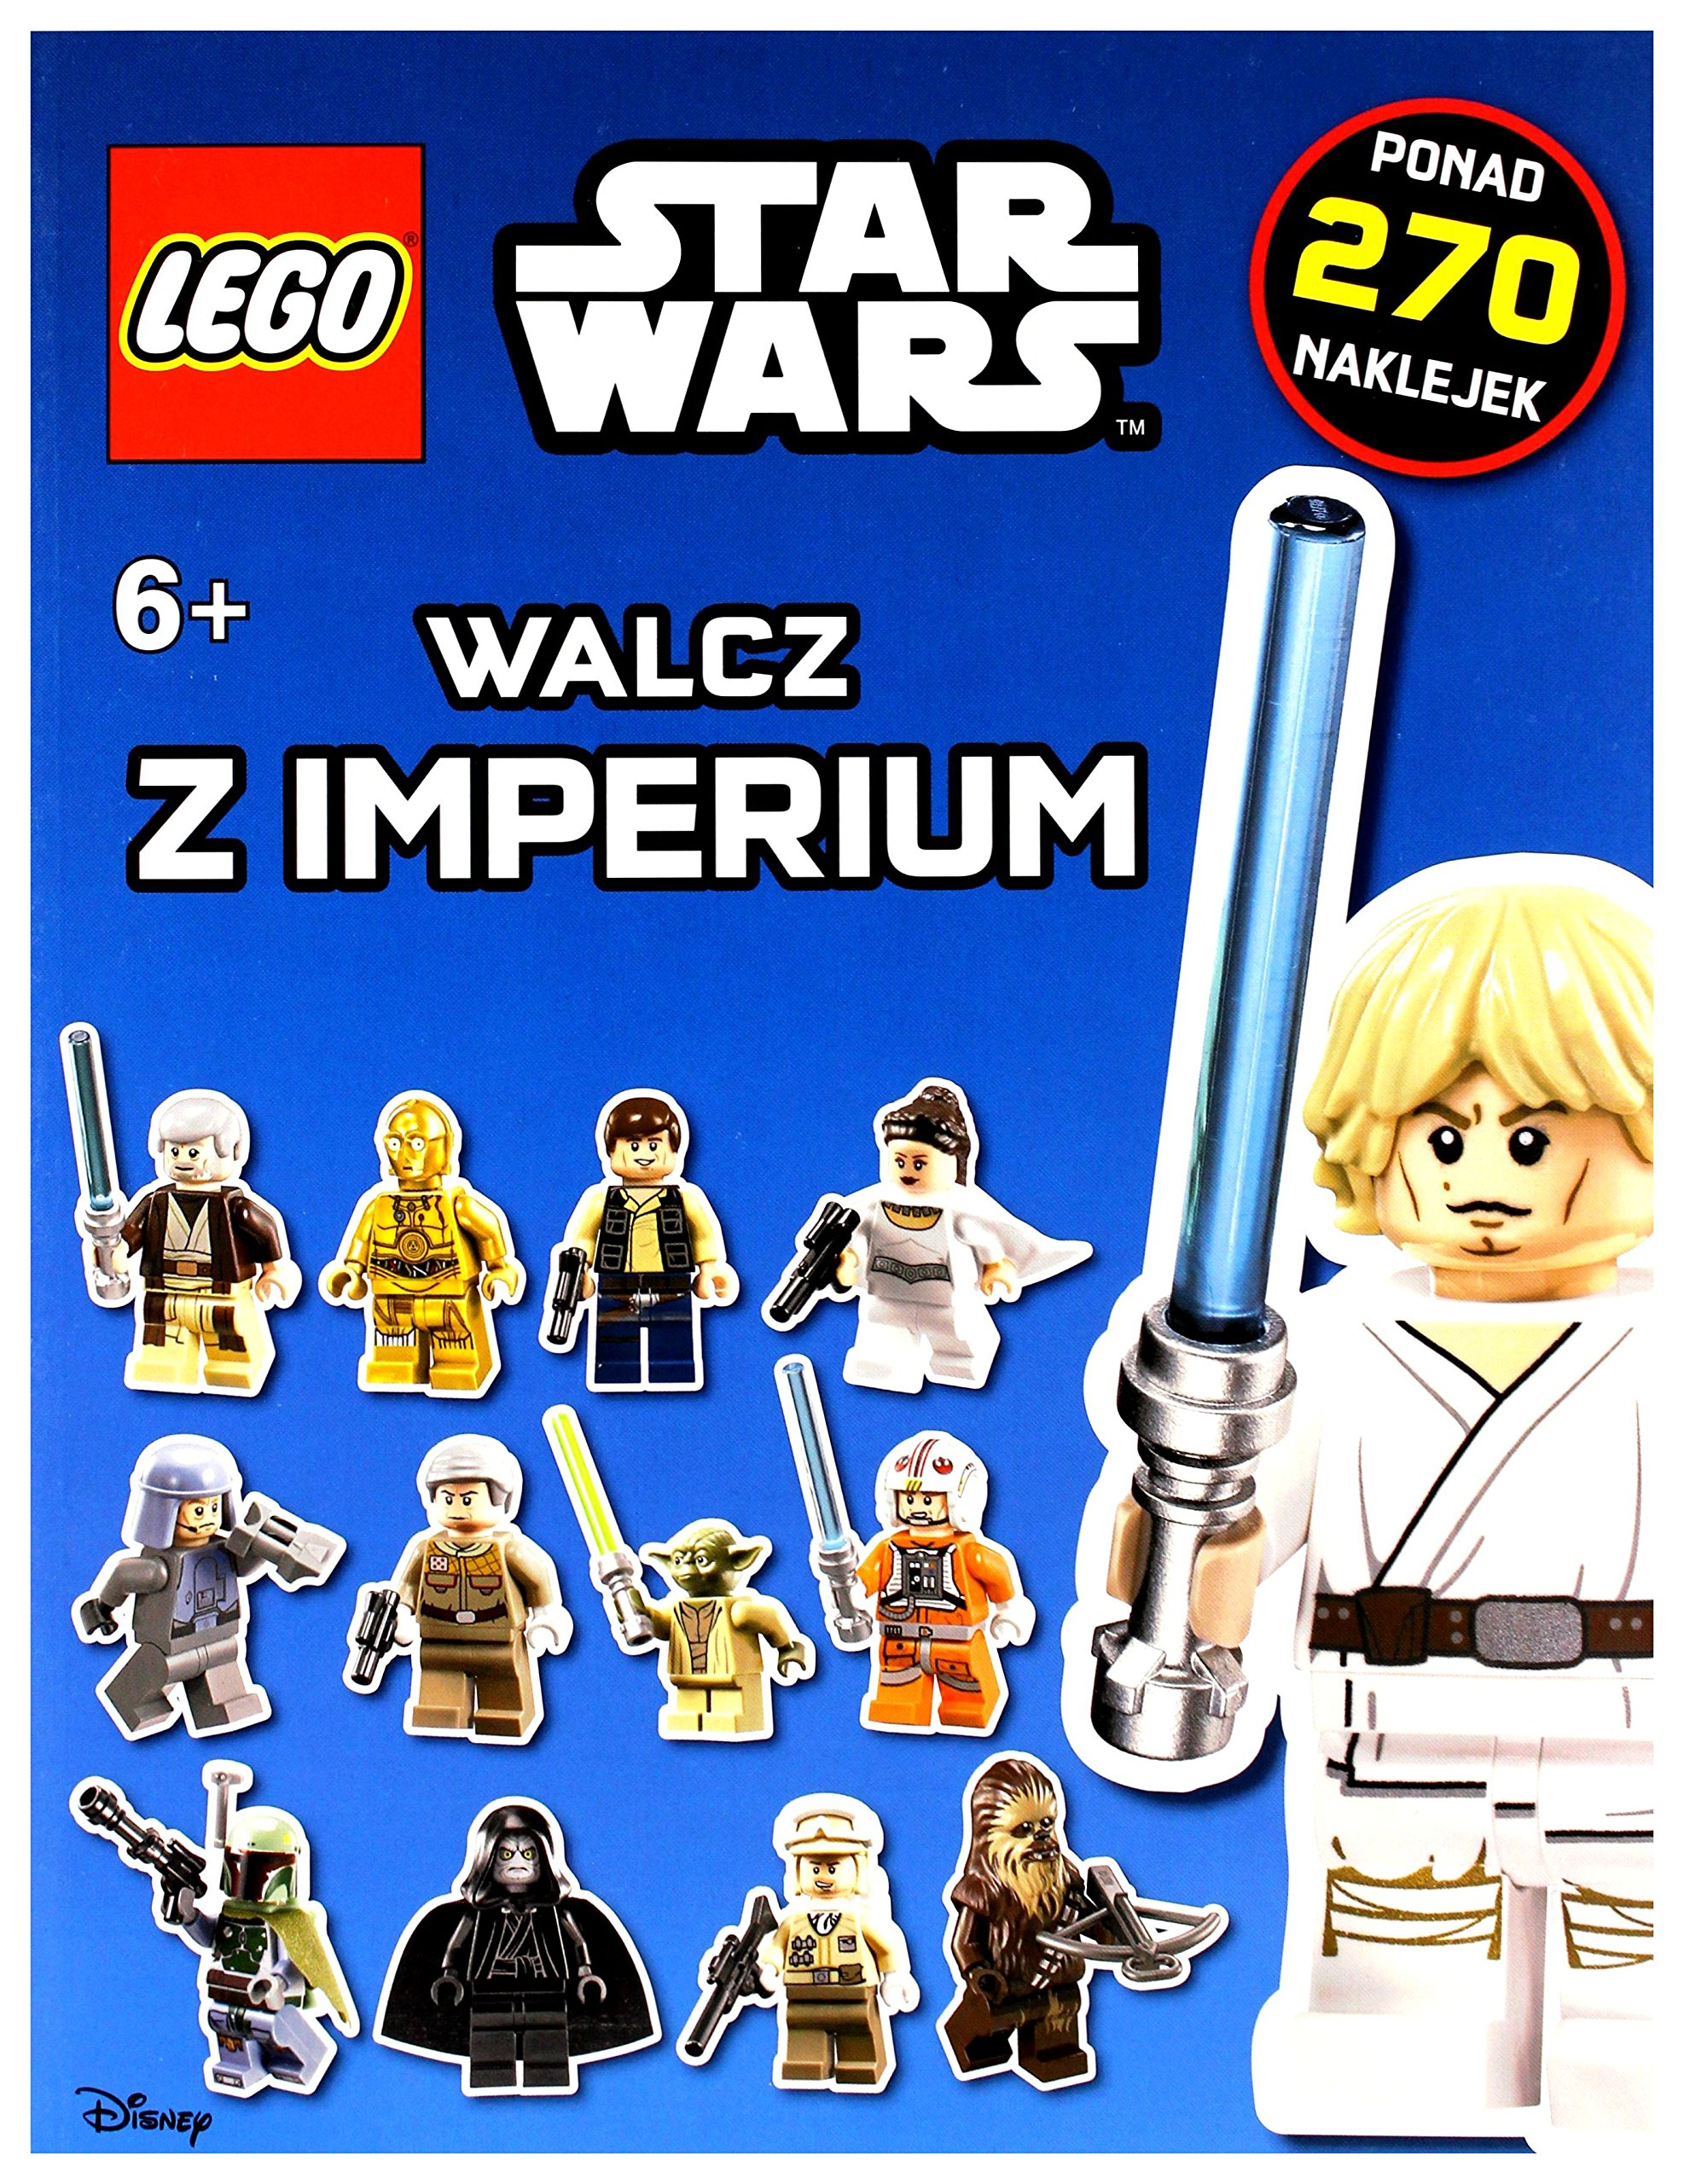 Lego Star Wars Walcz Z Imperium Opracowanie Zbiorowe 9788325321895